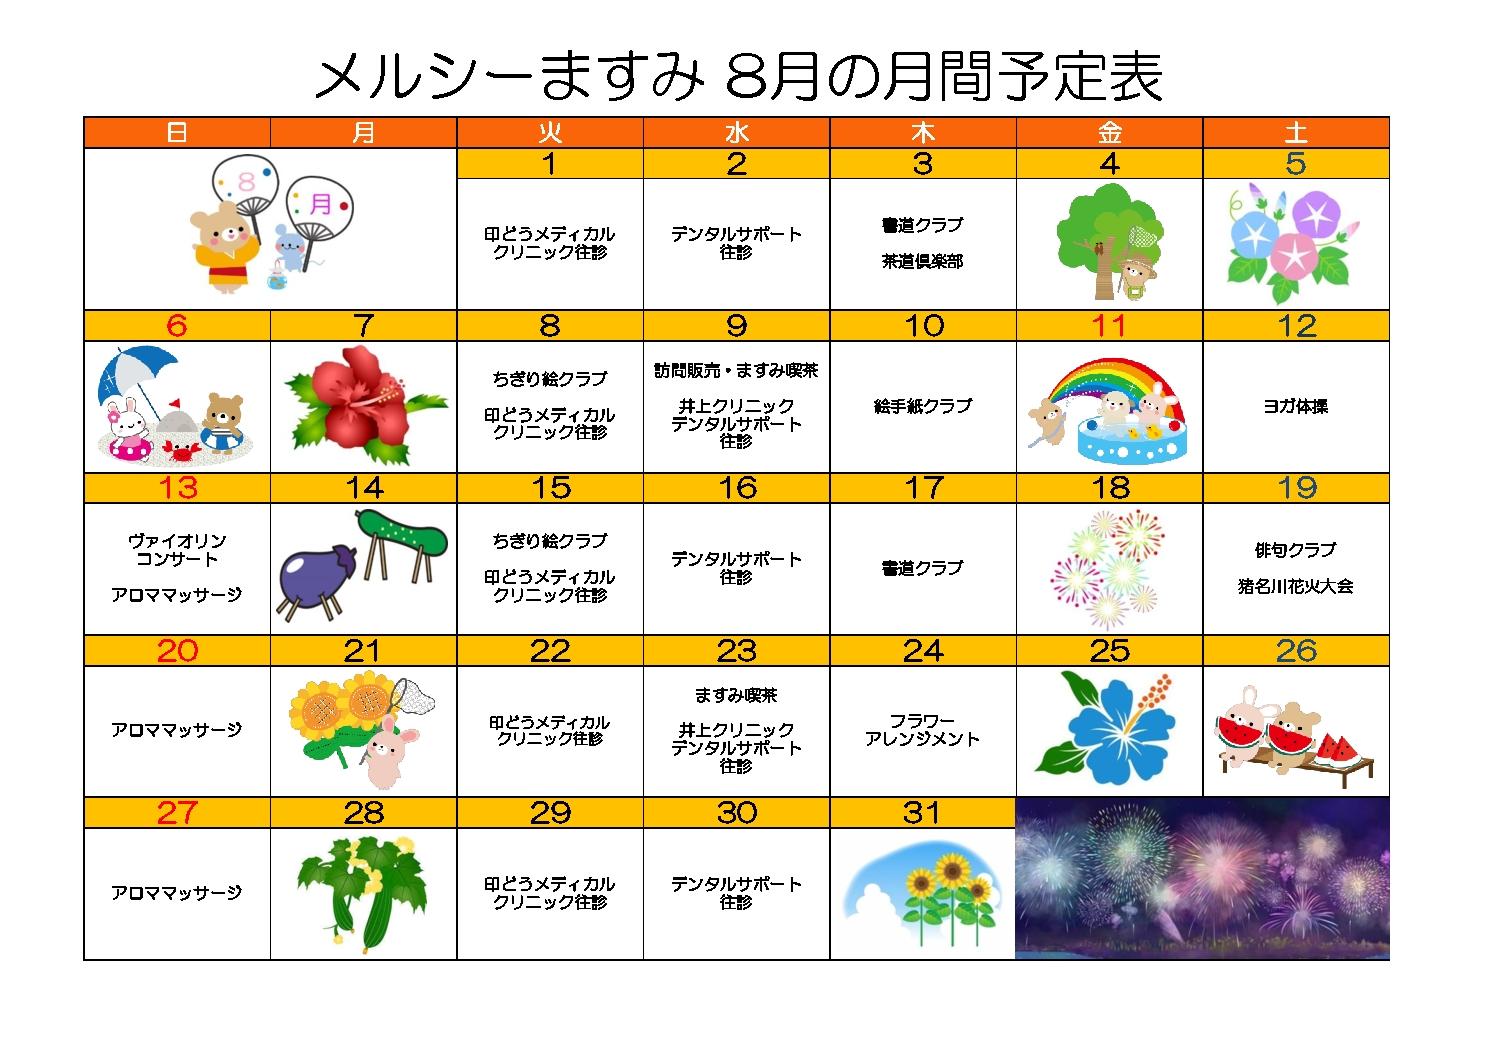 H29.8月間予定表のサムネイル